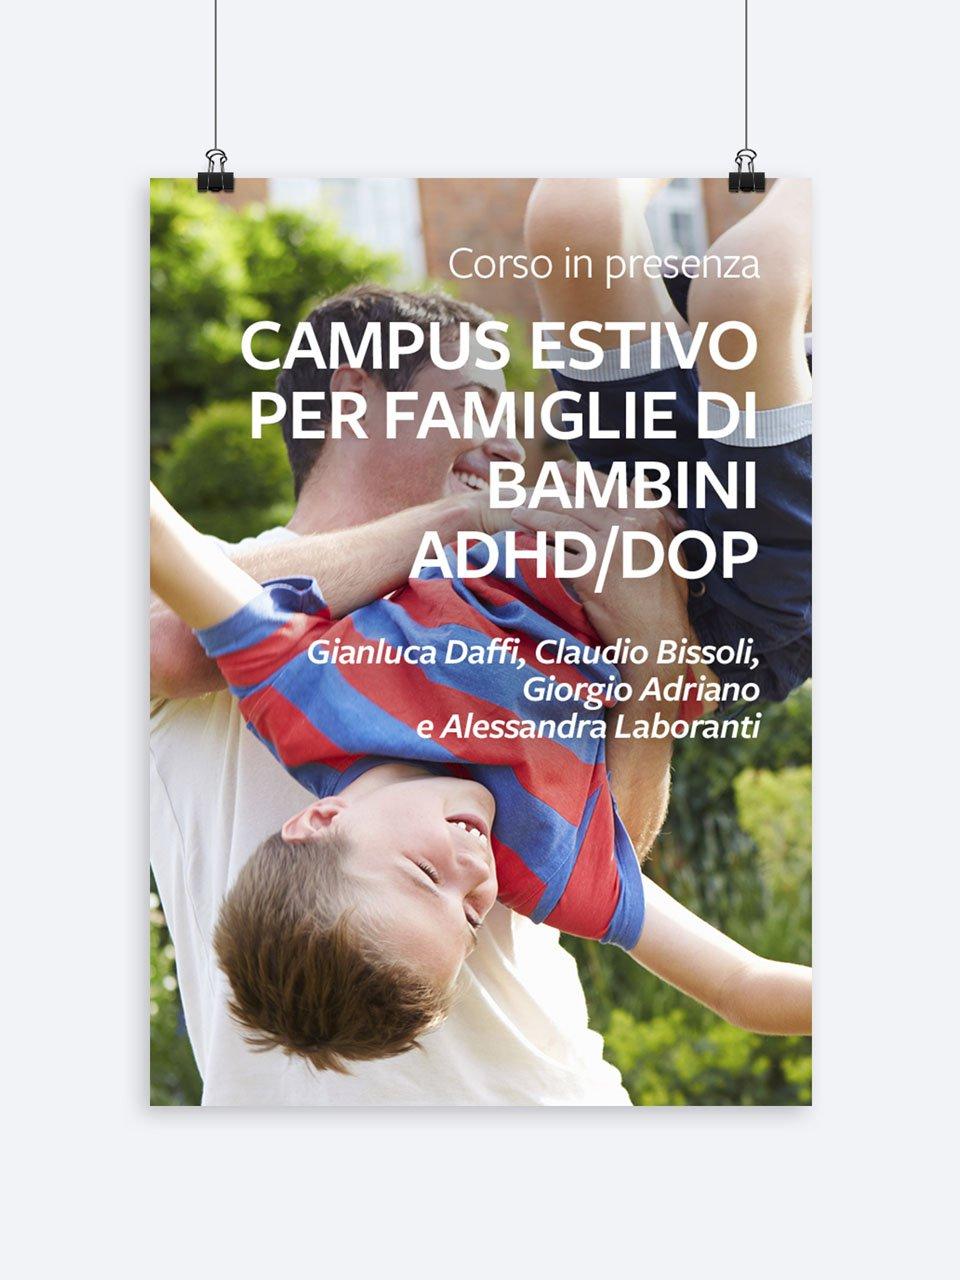 Campus estivo per famiglie di bambini ADHD/DOP - Disturbi dell'attenzione e iperattività - Libri - Erickson